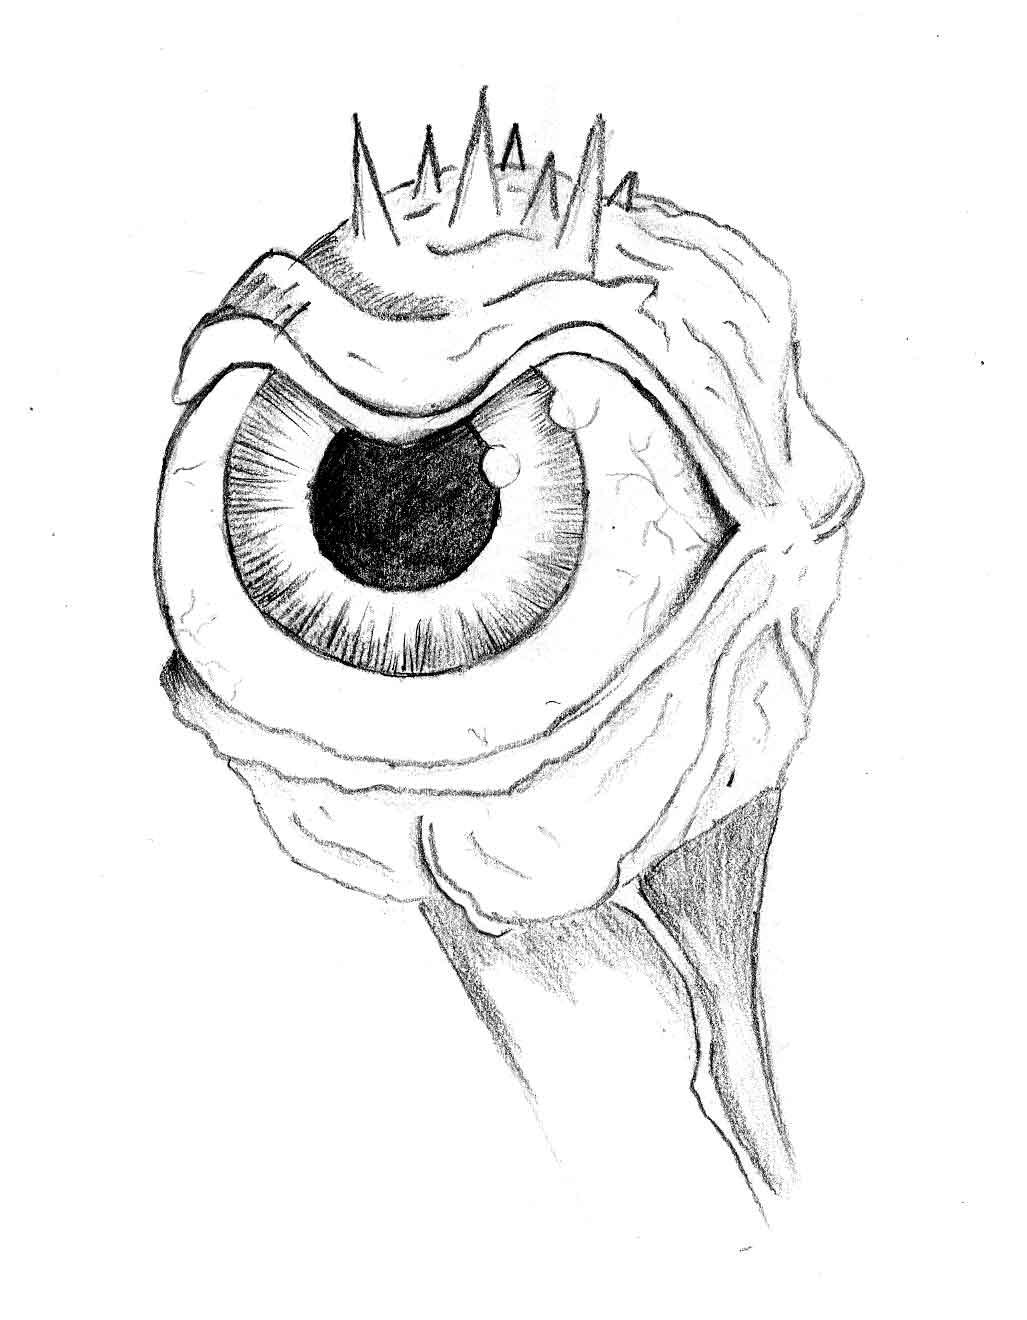 Evil eye by fantasyart on deviantart for Evil eye coloring pages